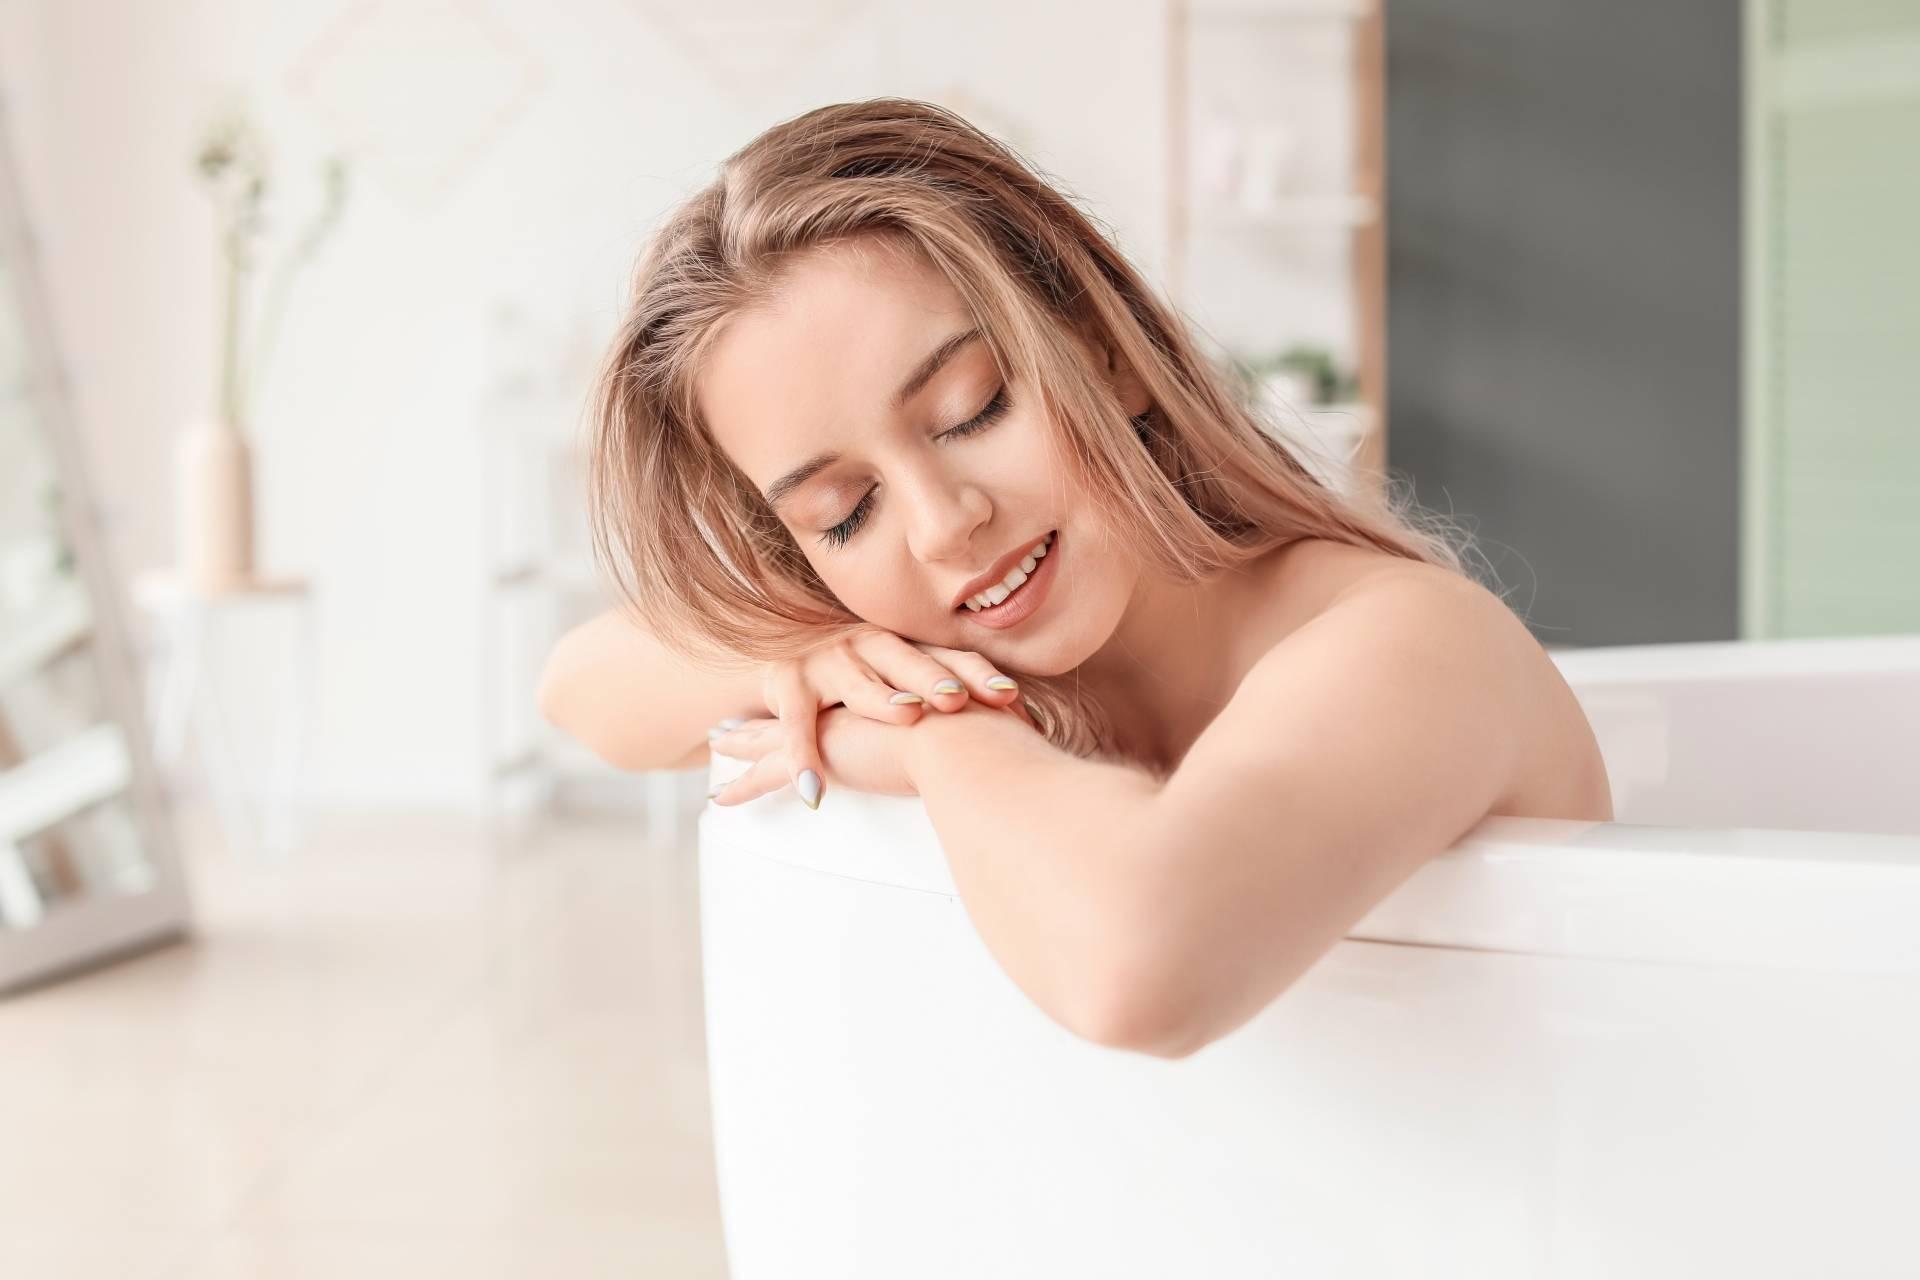 Młoda zrelaksowana kobieta bierze kąpiel w wannie. Olejek arganowy dodany do kąpieli.